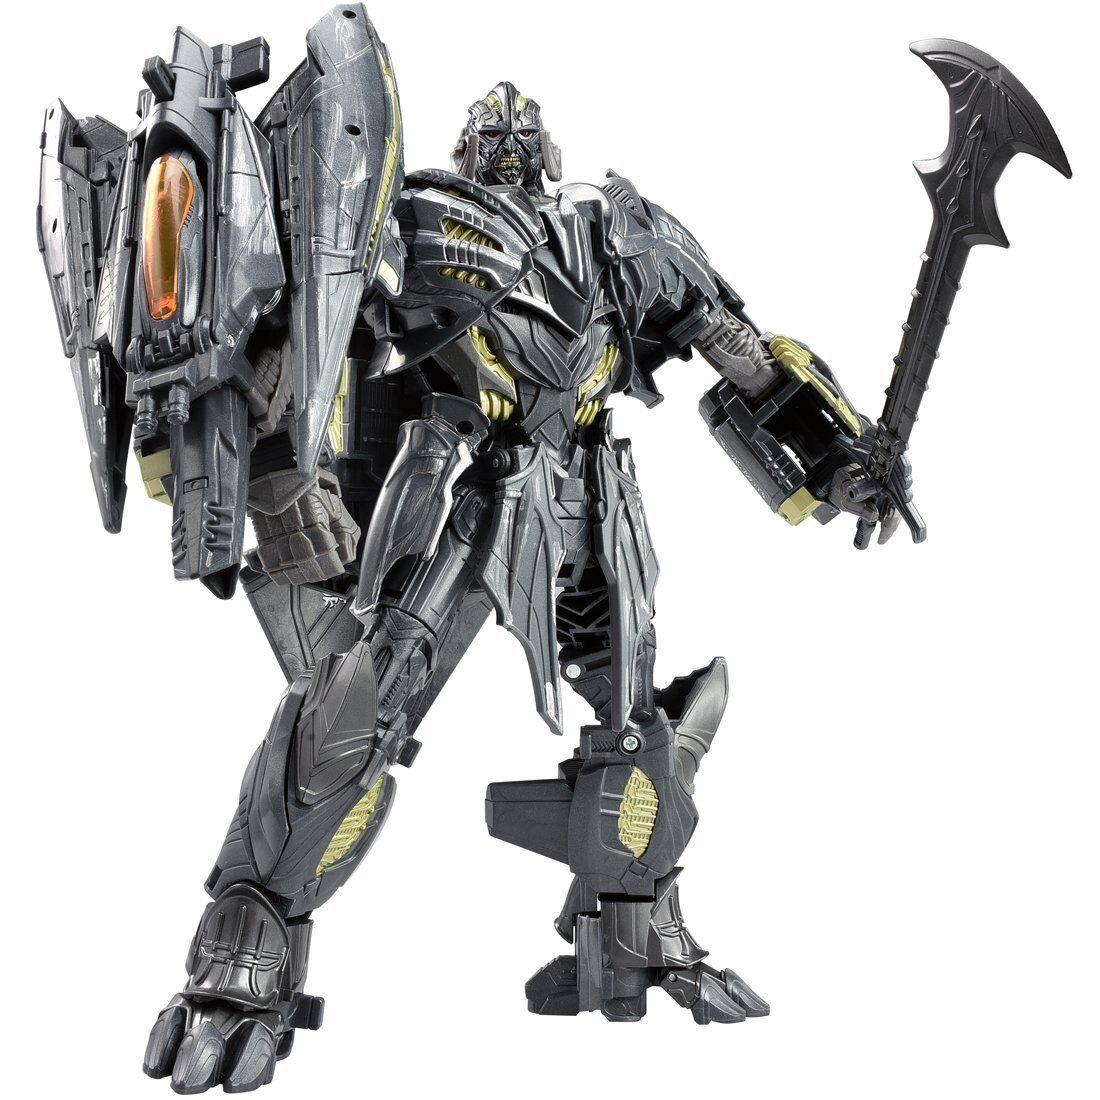 TLK-19 Megatron  Japan Version-Transformers The Last Knight-PSL nouveau  remise